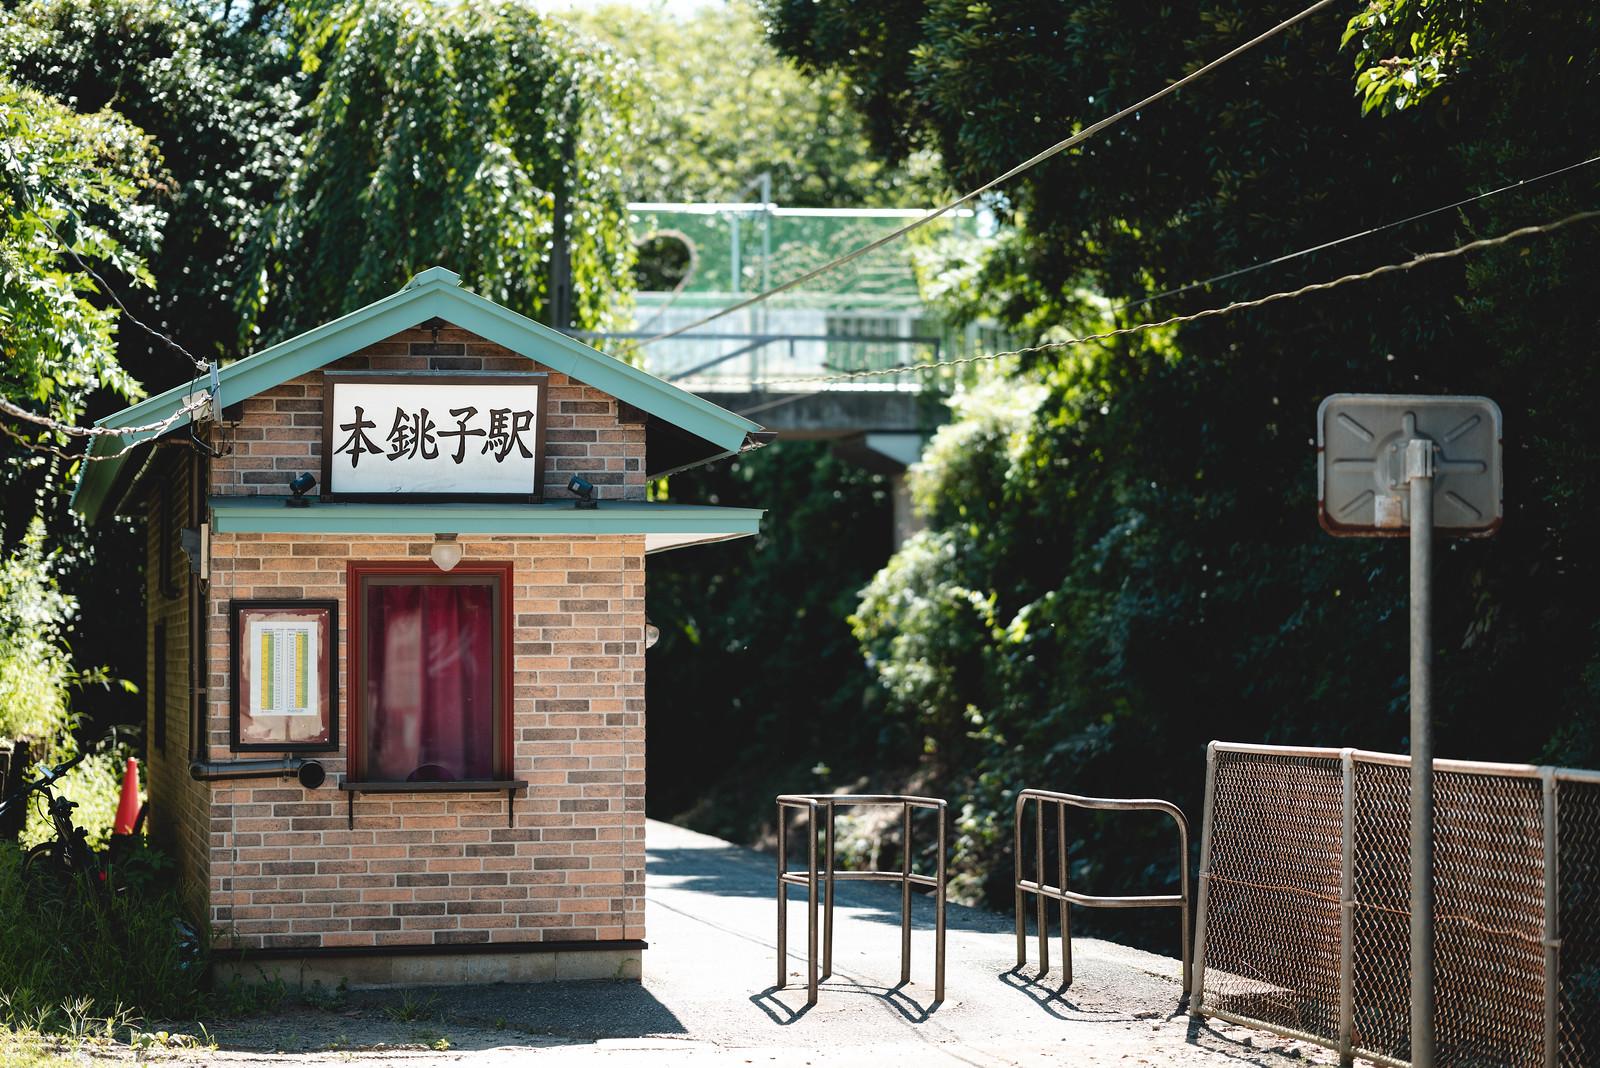 Motochoshi Station